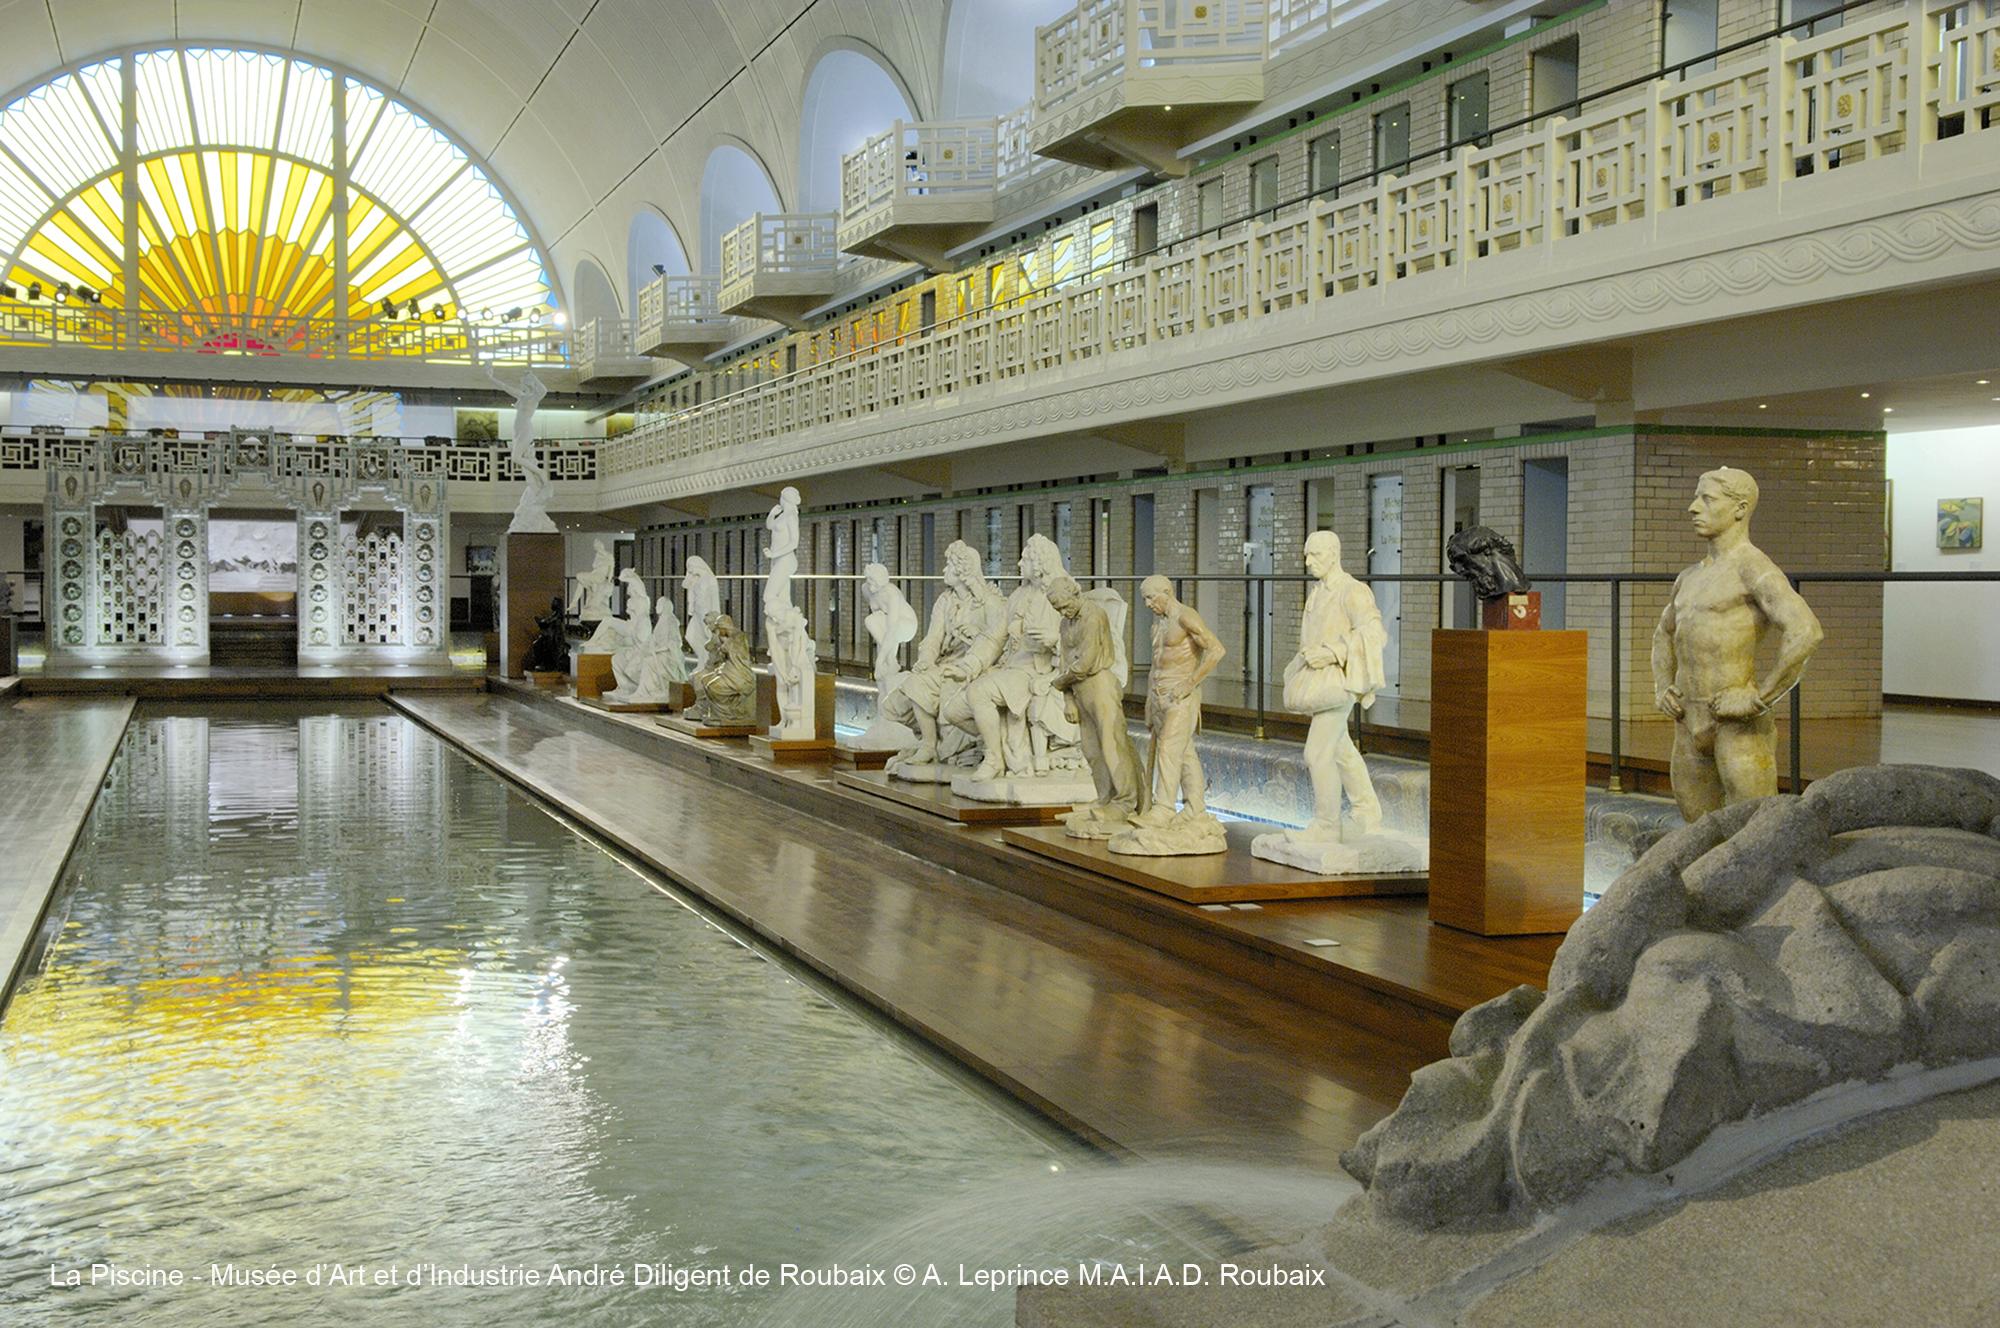 La Piscine Musee D Art Et D Industrie Andre Diligent La C Art